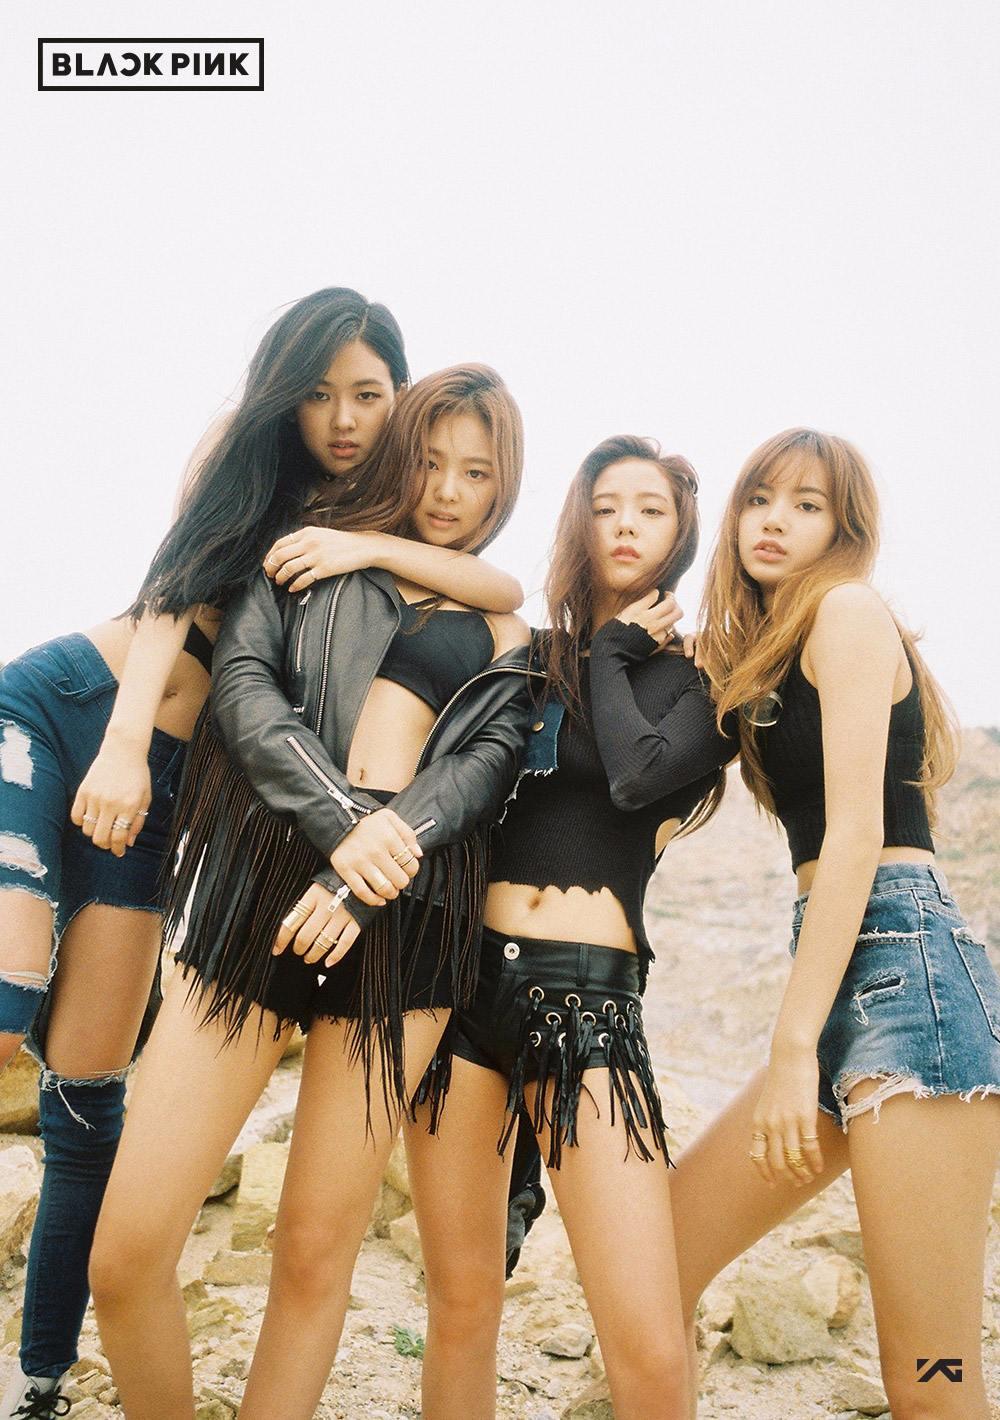 果然,新歌一推出就擁有YG的超強氣勢! 不論是實力、台風還是成績都被比喻為「超強怪物新人」